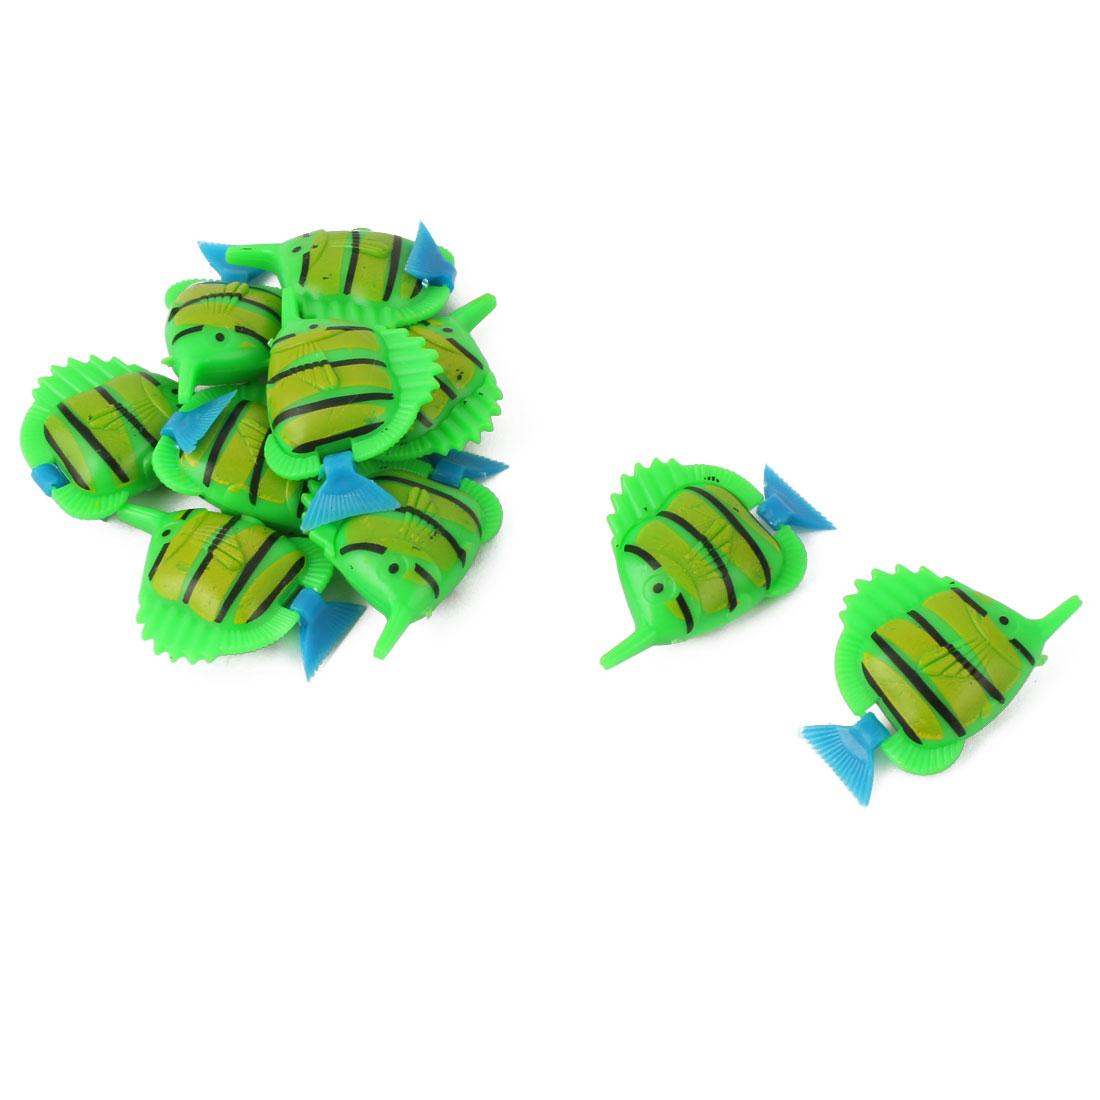 Aquarium Fishbowl Plastic Floating Aritificial Fish Ornament Underwater Decoration 10pcs